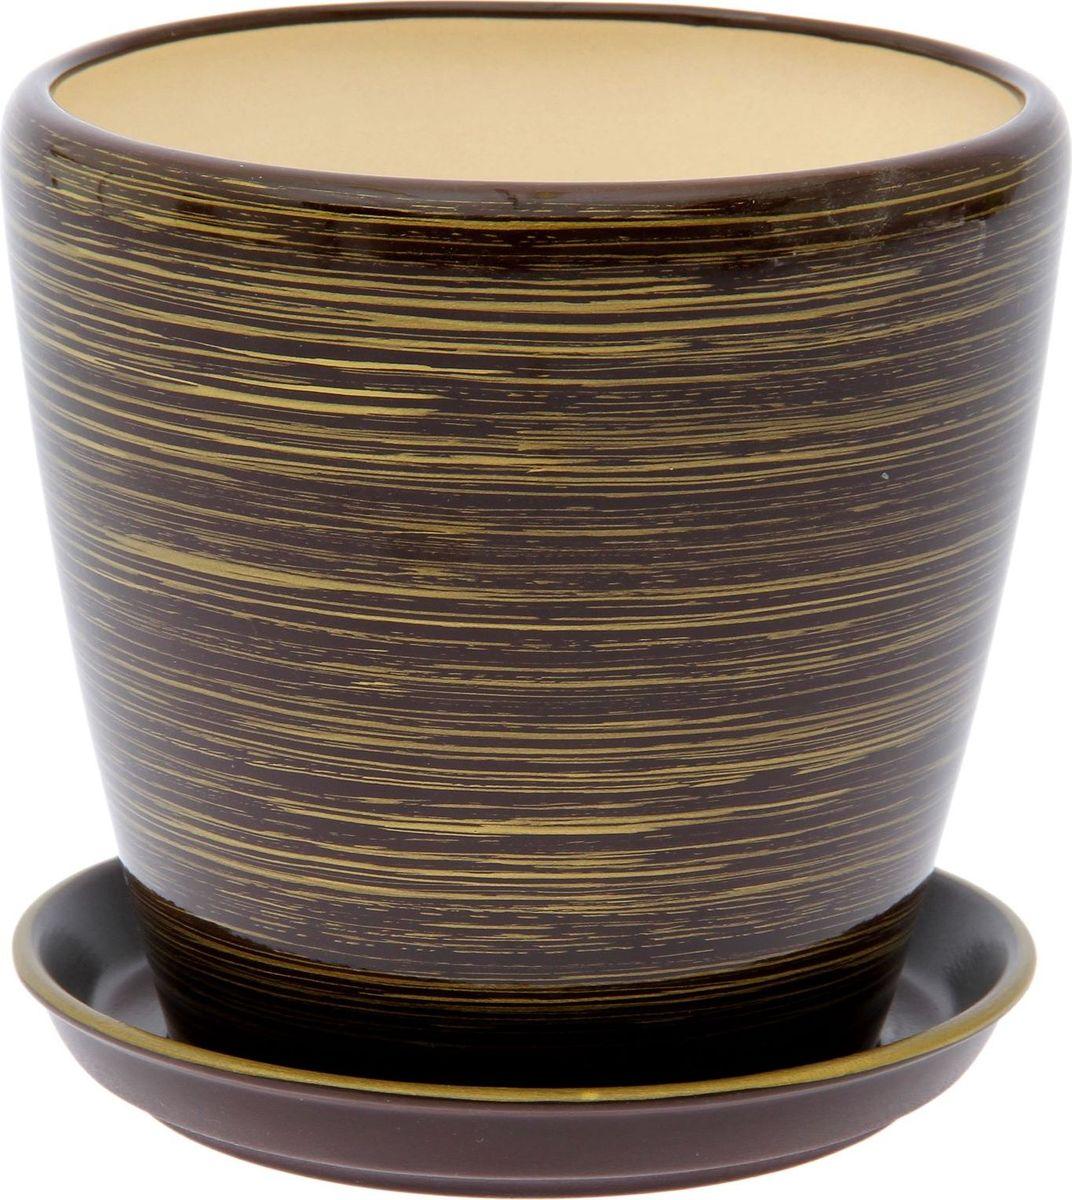 Кашпо Керамика ручной работы Грация. Глянец, цвет: шоколадный, золотой, 2,3 л1489680Комнатные растения — всеобщие любимцы. Они радуют глаз, насыщают помещение кислородом и украшают пространство. Каждому из них необходим свой удобный и красивый дом. Кашпо из керамики прекрасно подходят для высадки растений: за счёт пластичности глины и разных способов обработки существует великое множество форм и дизайновпористый материал позволяет испаряться лишней влагевоздух, необходимый для дыхания корней, проникает сквозь керамические стенки! #name# позаботится о зелёном питомце, освежит интерьер и подчеркнёт его стиль.